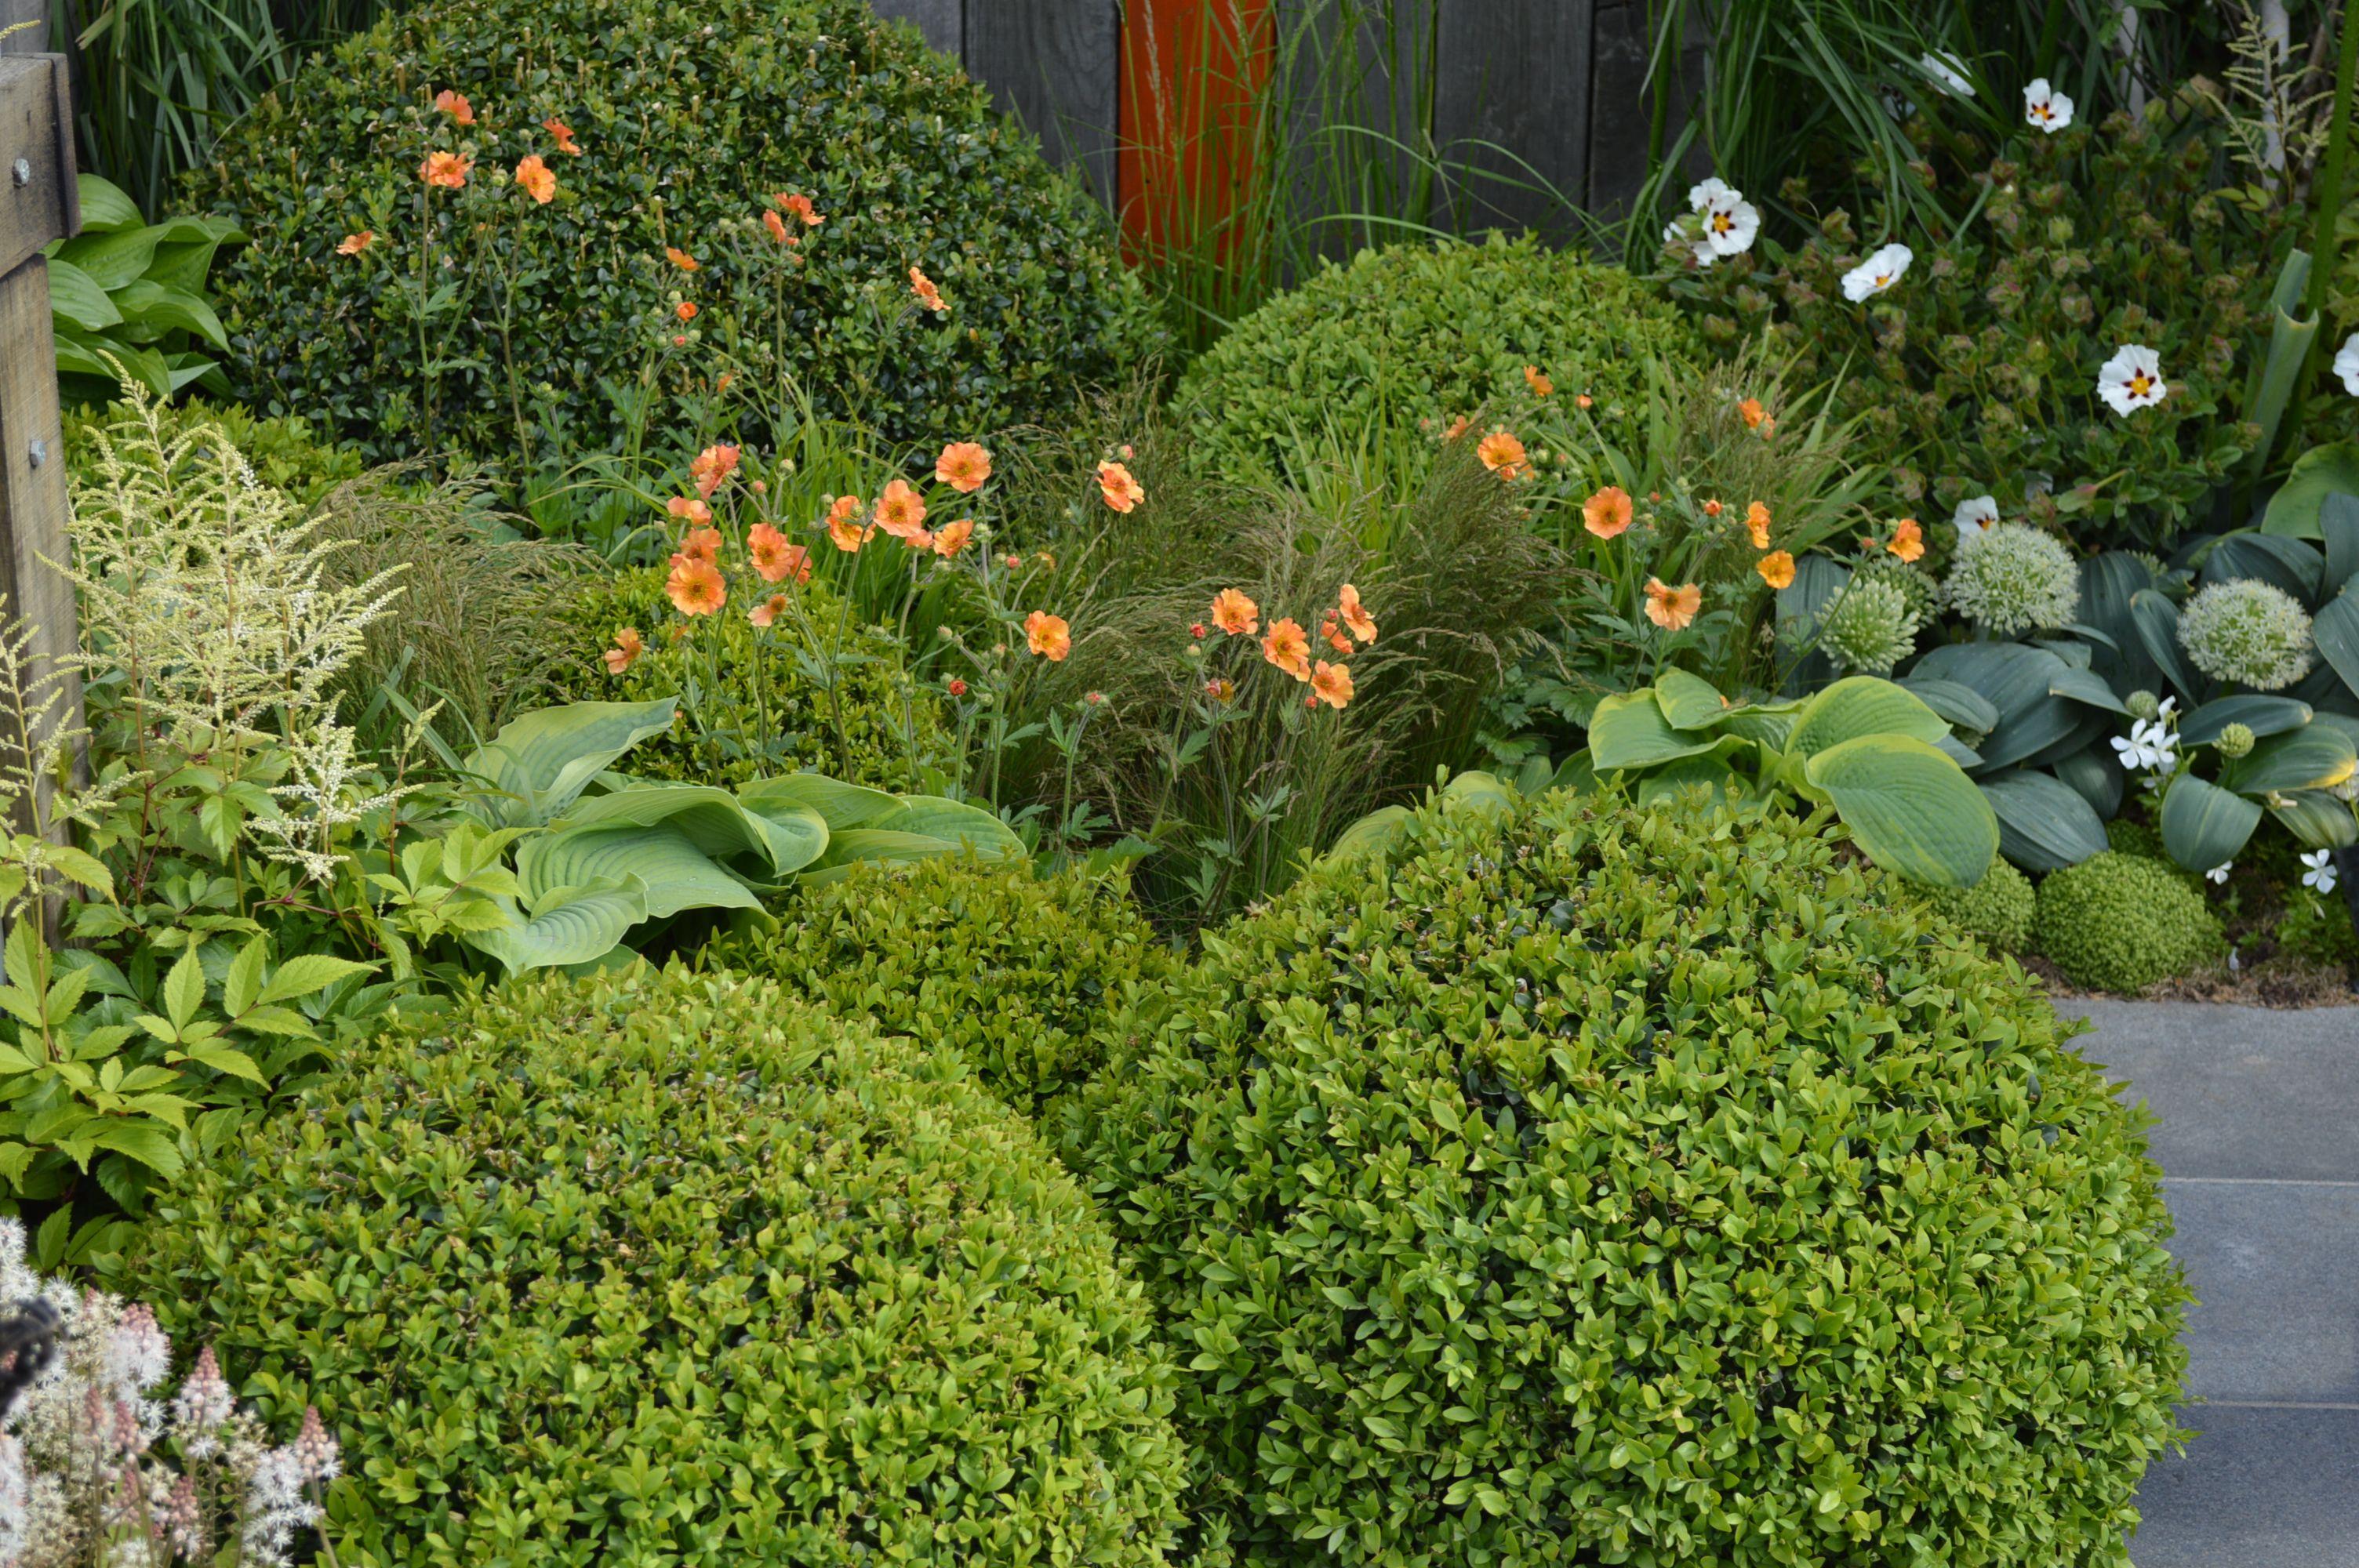 Design With Astilbe And Hosta Garden on hosta and daylily garden, hosta and hydrangea garden, hosta and caladium garden, hosta garden plans blueprints,